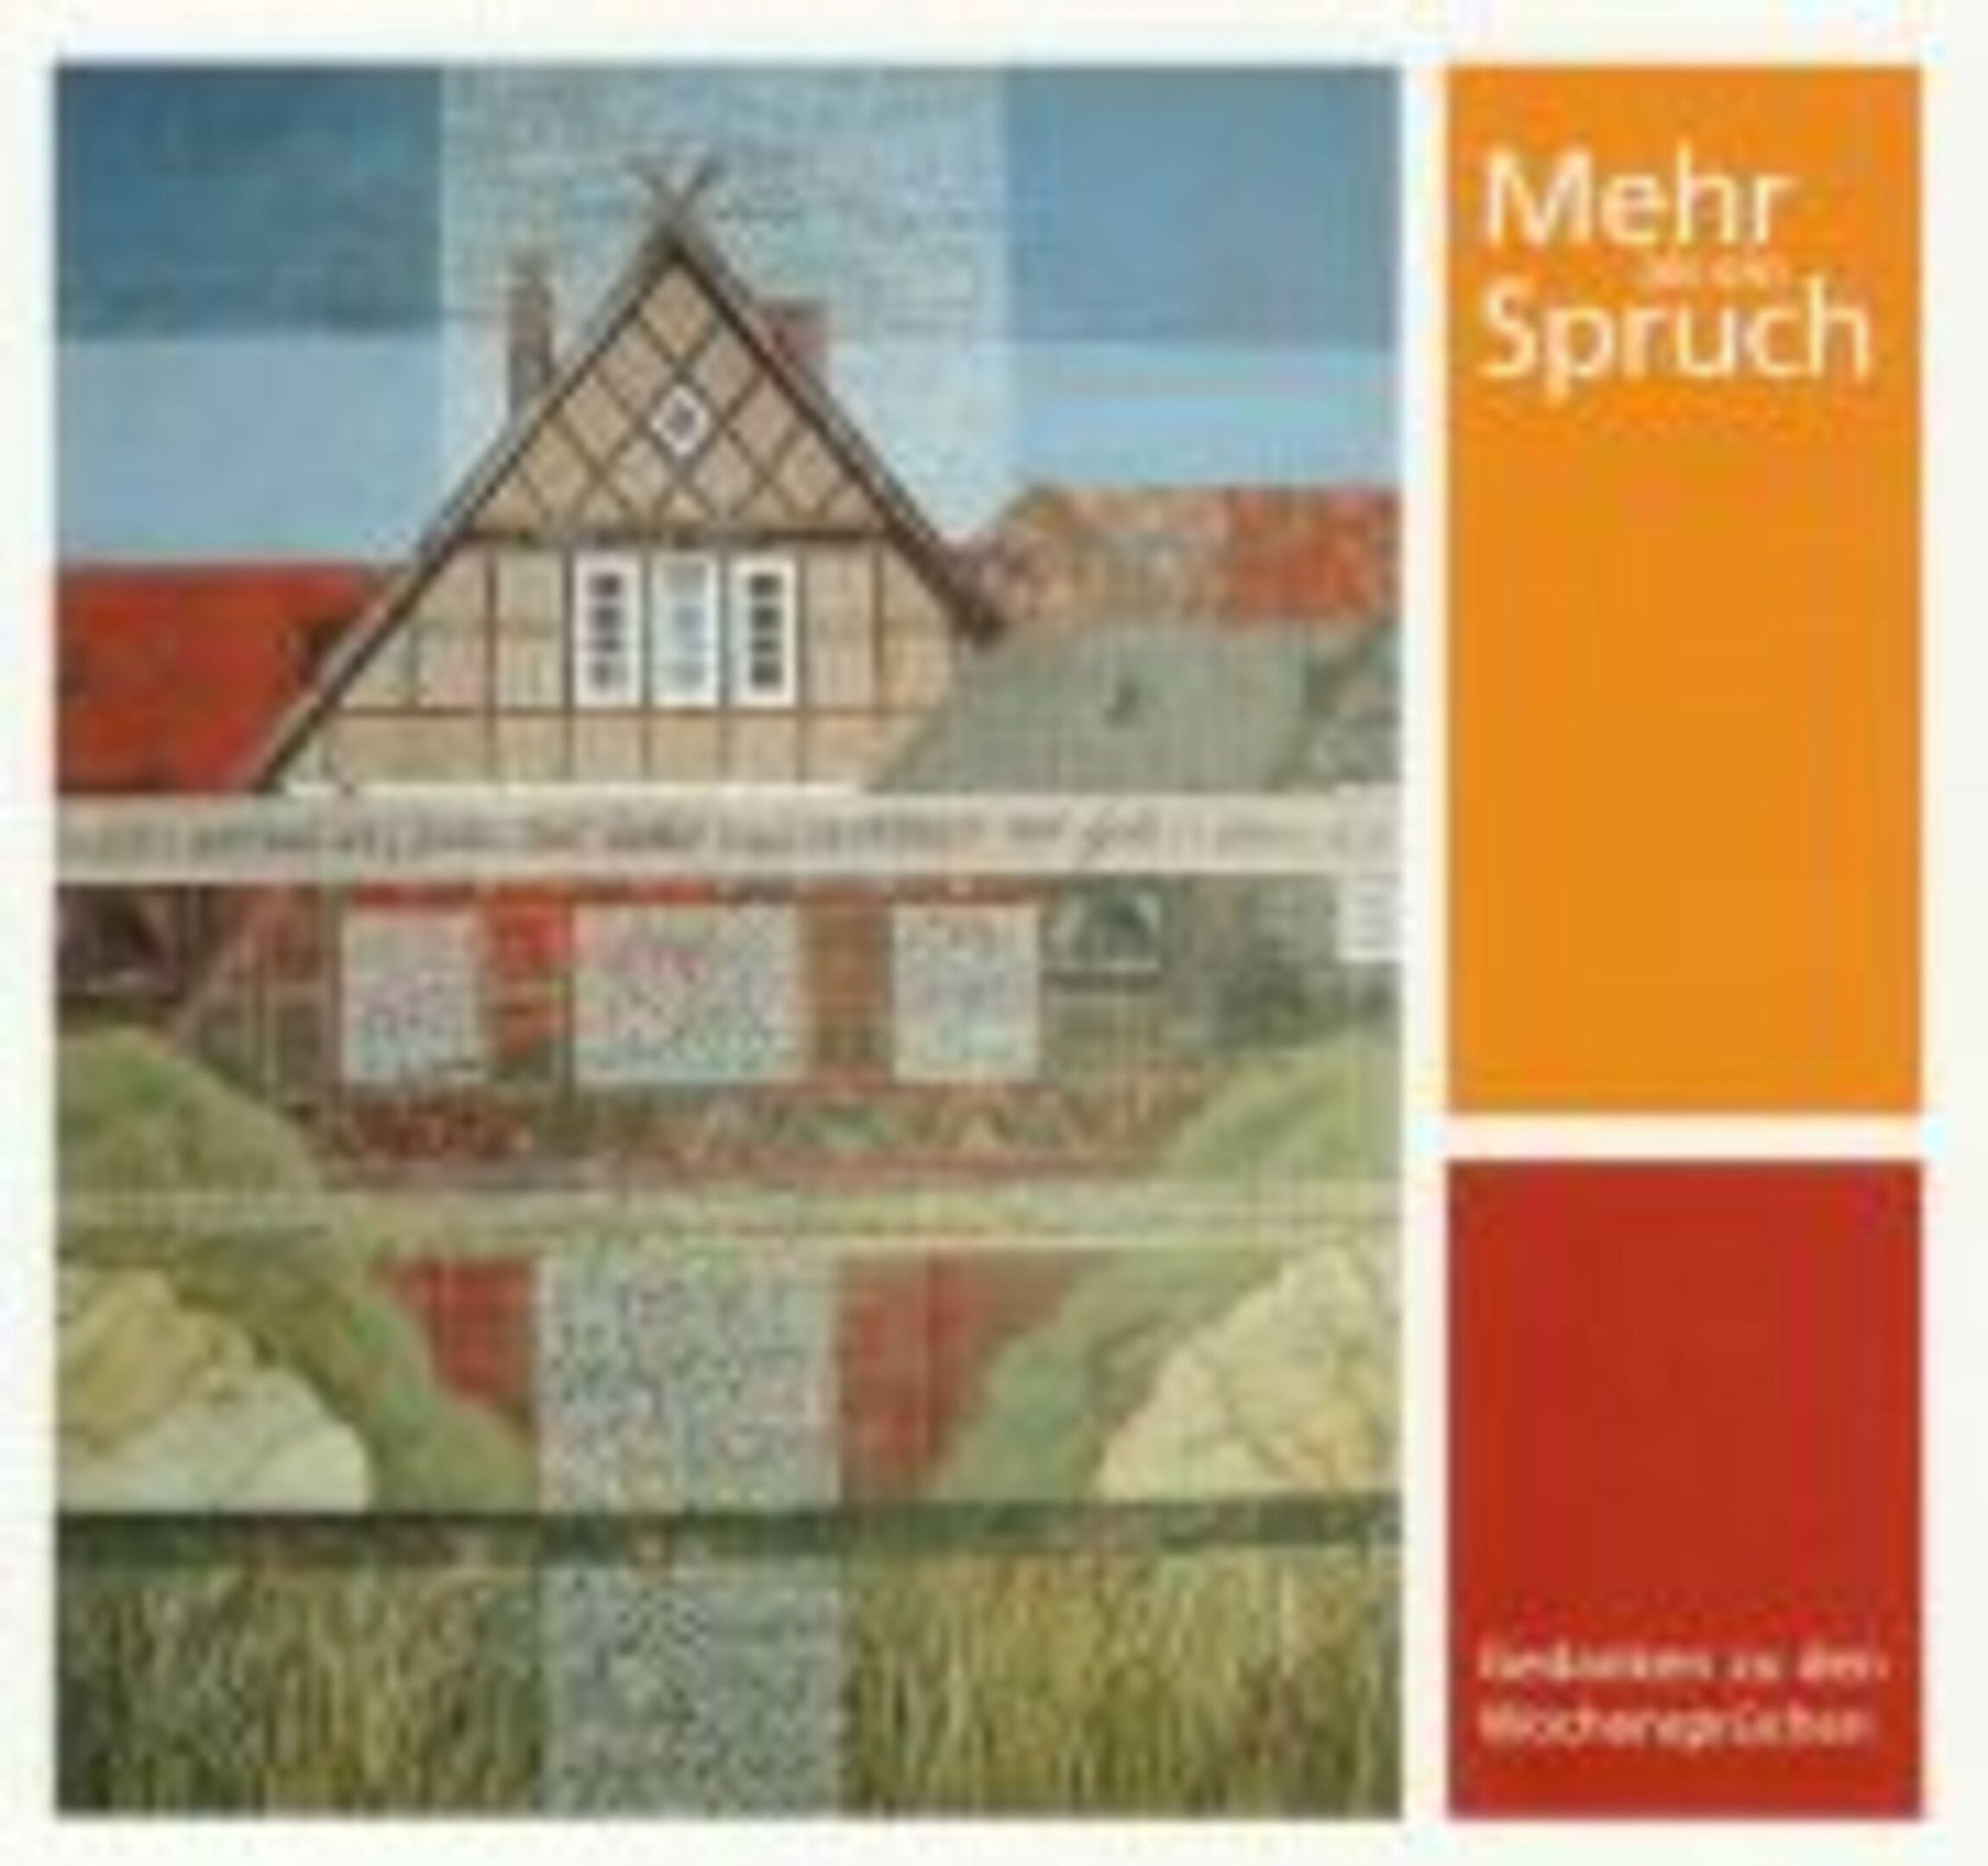 mehralseinspruch_cover